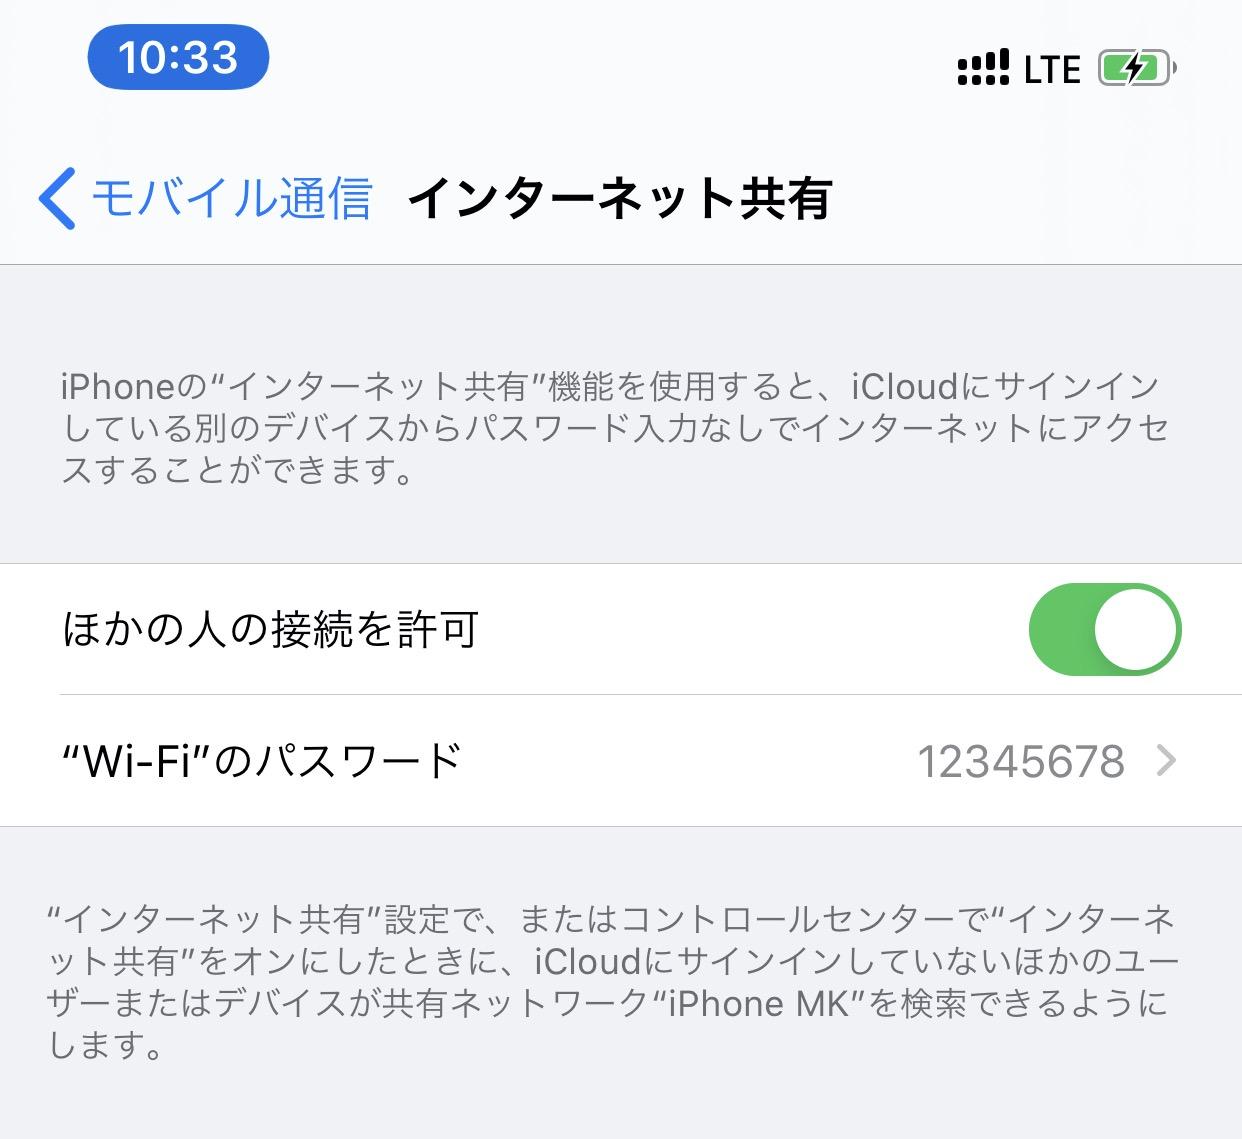 【楽天モバイル】iPhone+eSIMでインターネット共有(テザリング)6